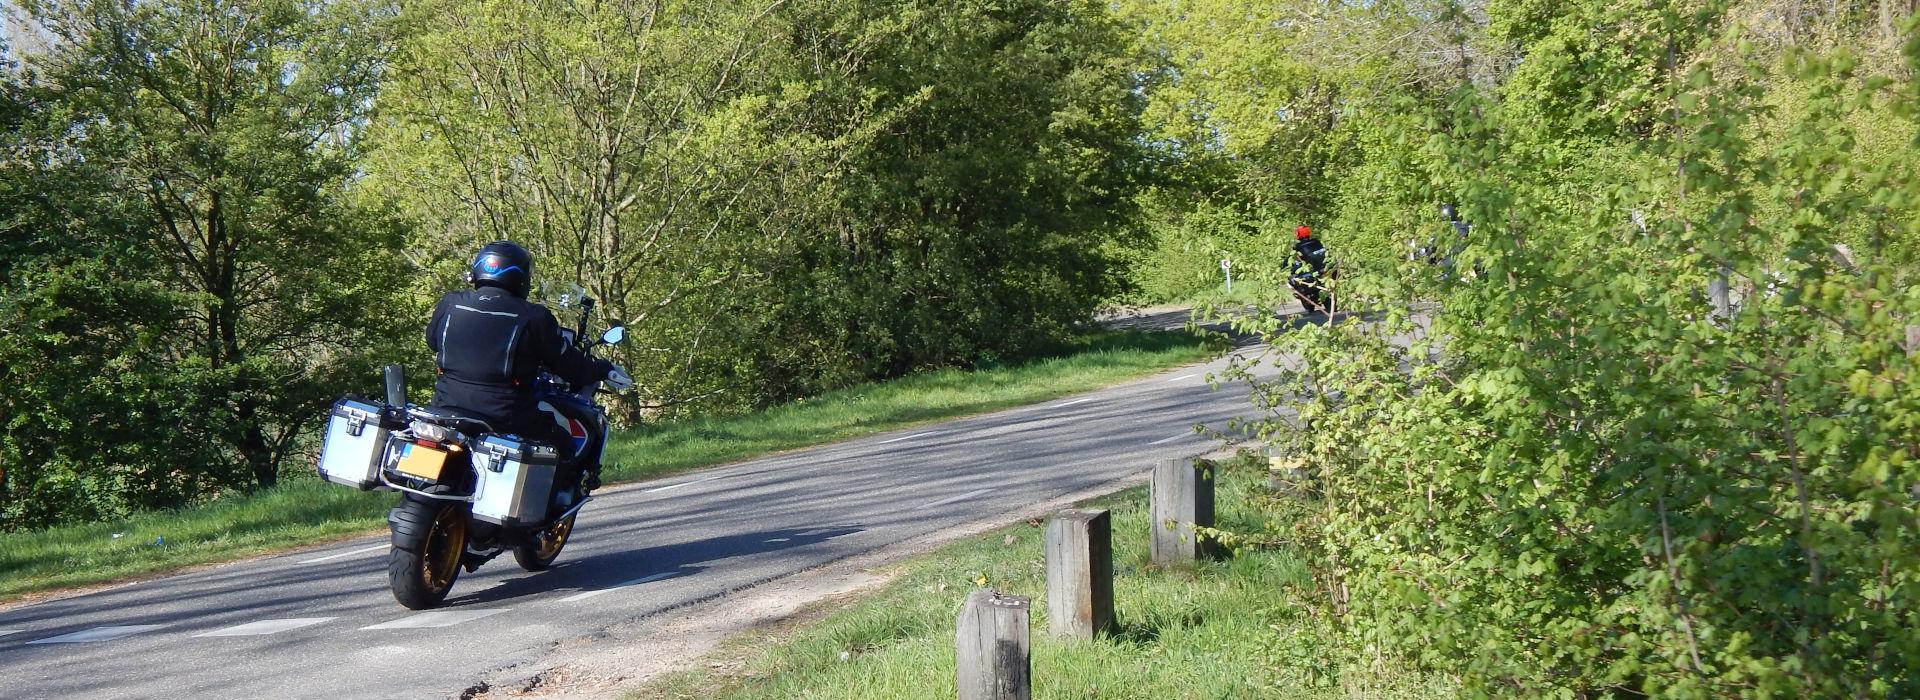 Motorrijbewijspoint Zevenhuizen spoed motorrijbewijs